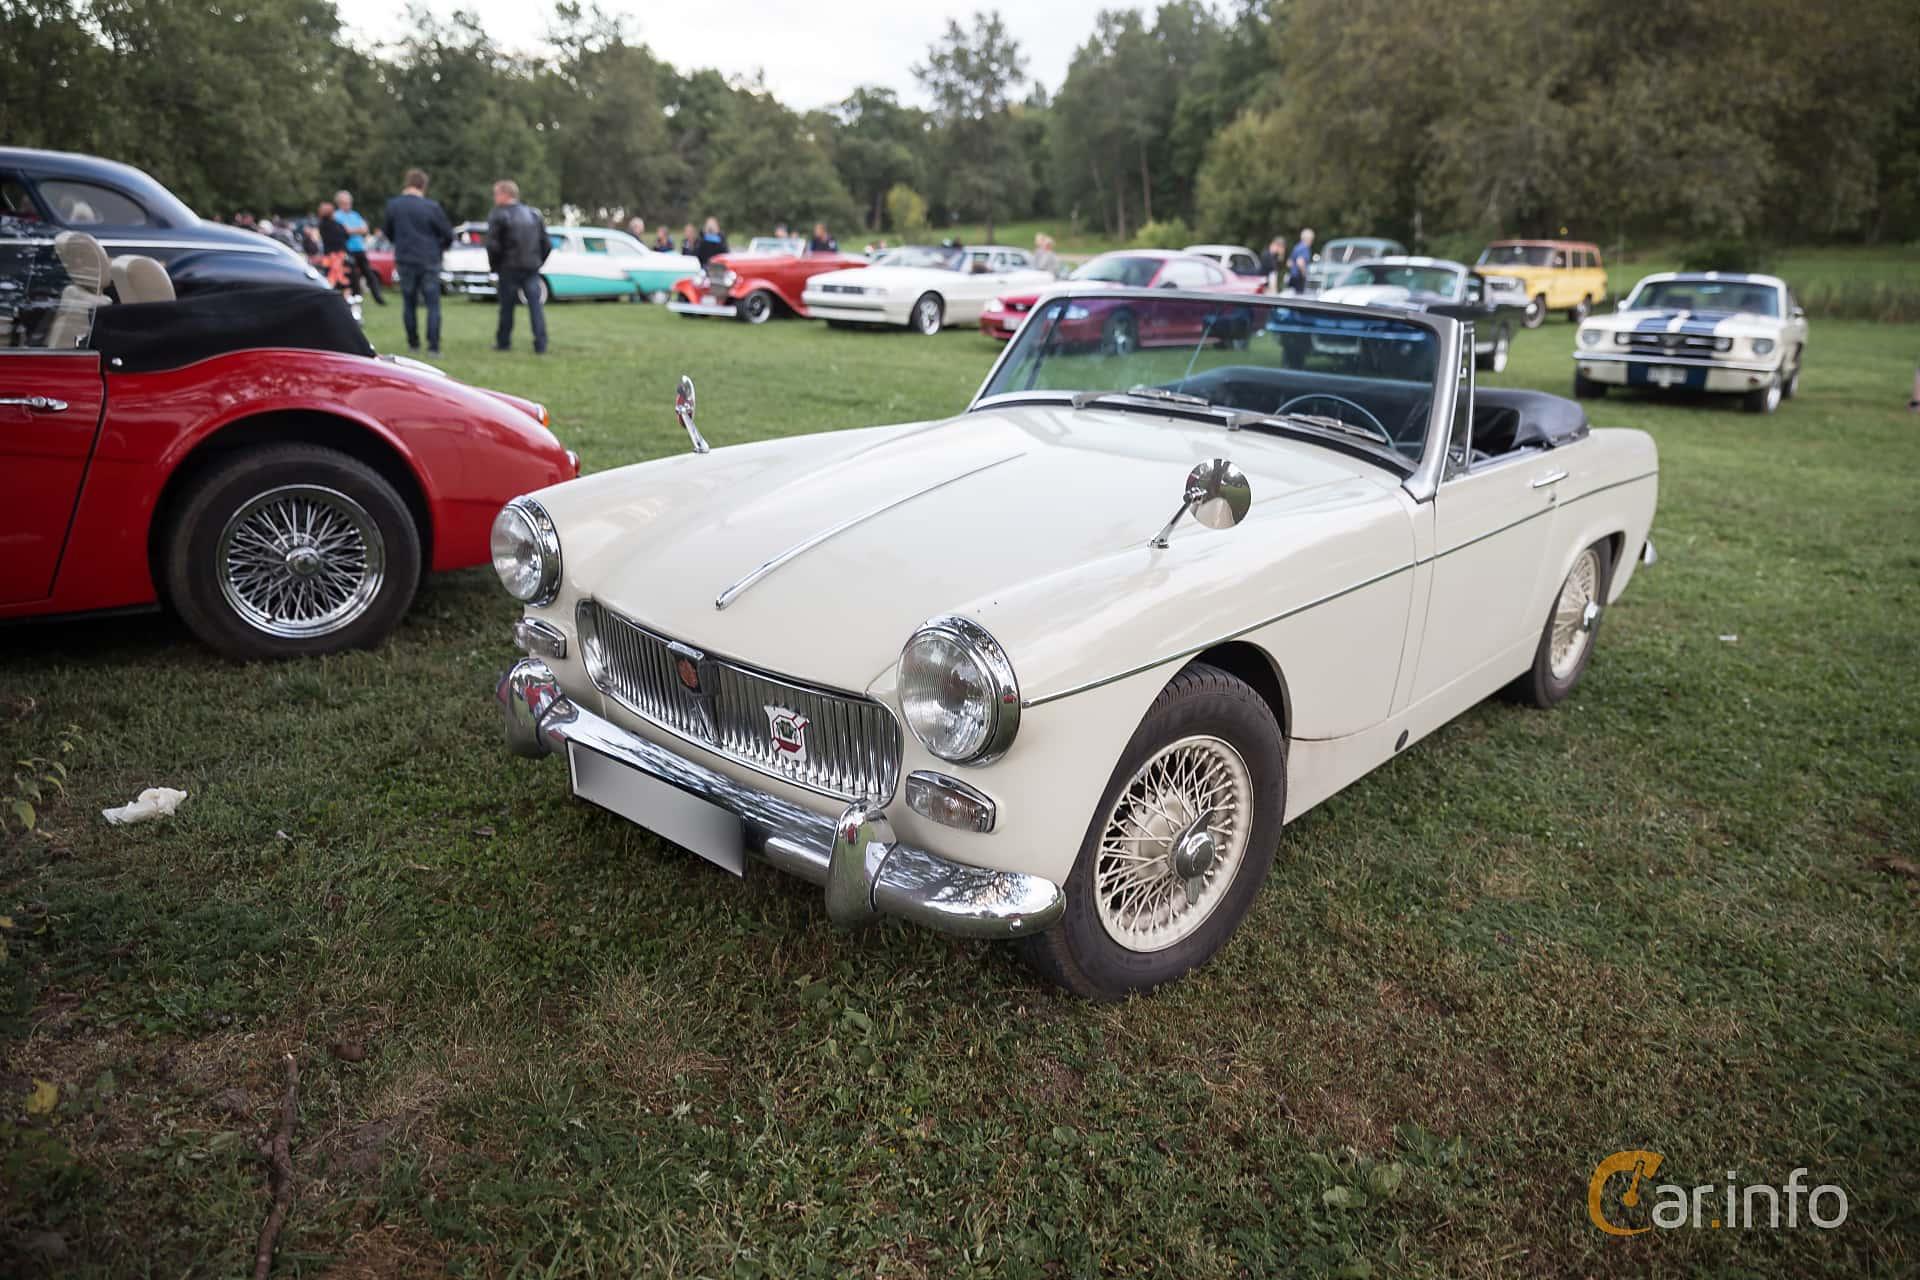 MG Midget 1.3 Manual, 65hp, 1968 at Classic cars på Sundby gård v35 2015